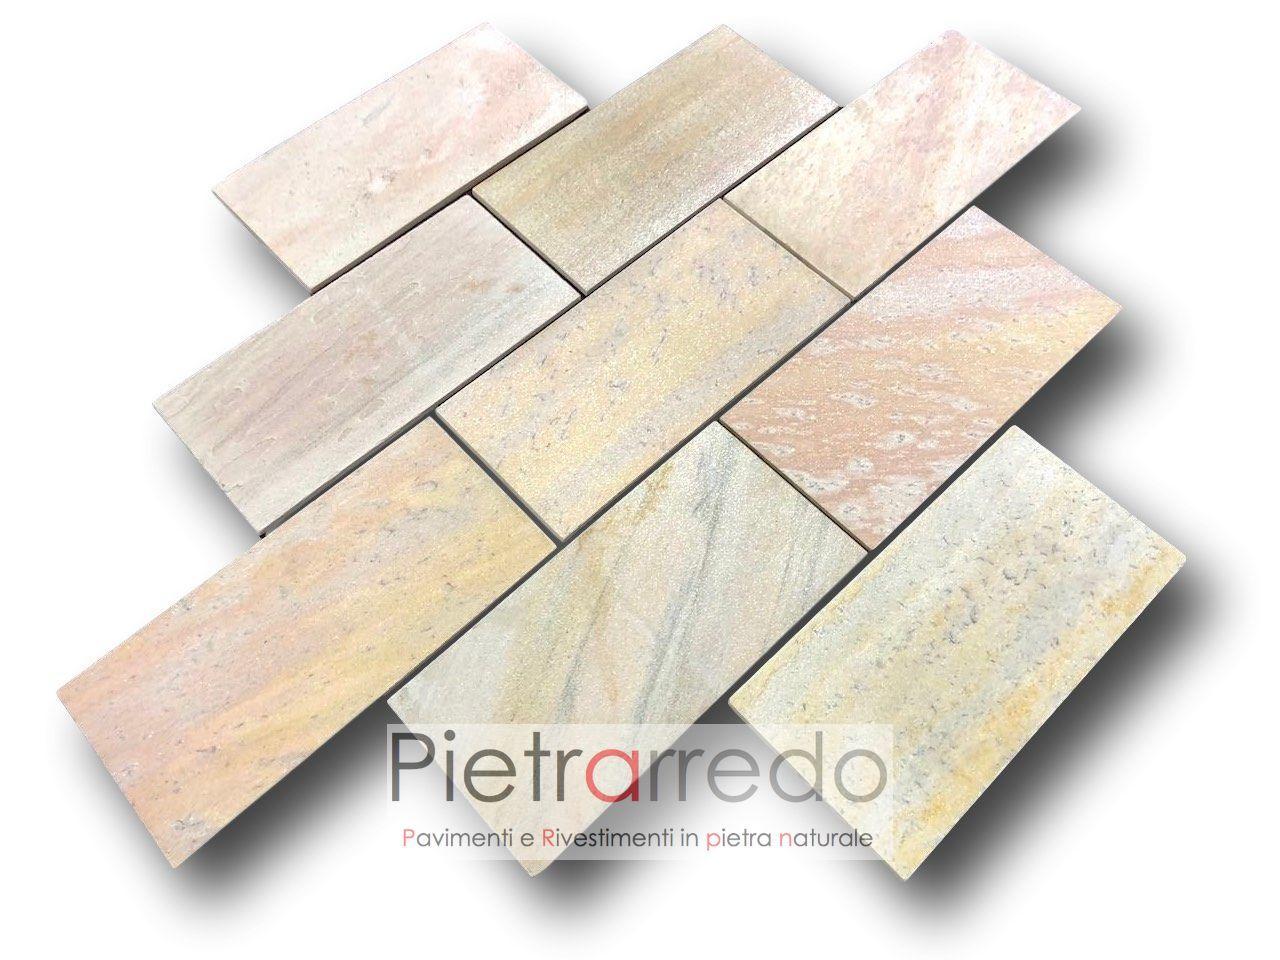 pavimento in pietra quarzite brasiliana bella lastre piastrelle sottili atermiche antiscivolo per sauna centro benessere costo prezzo